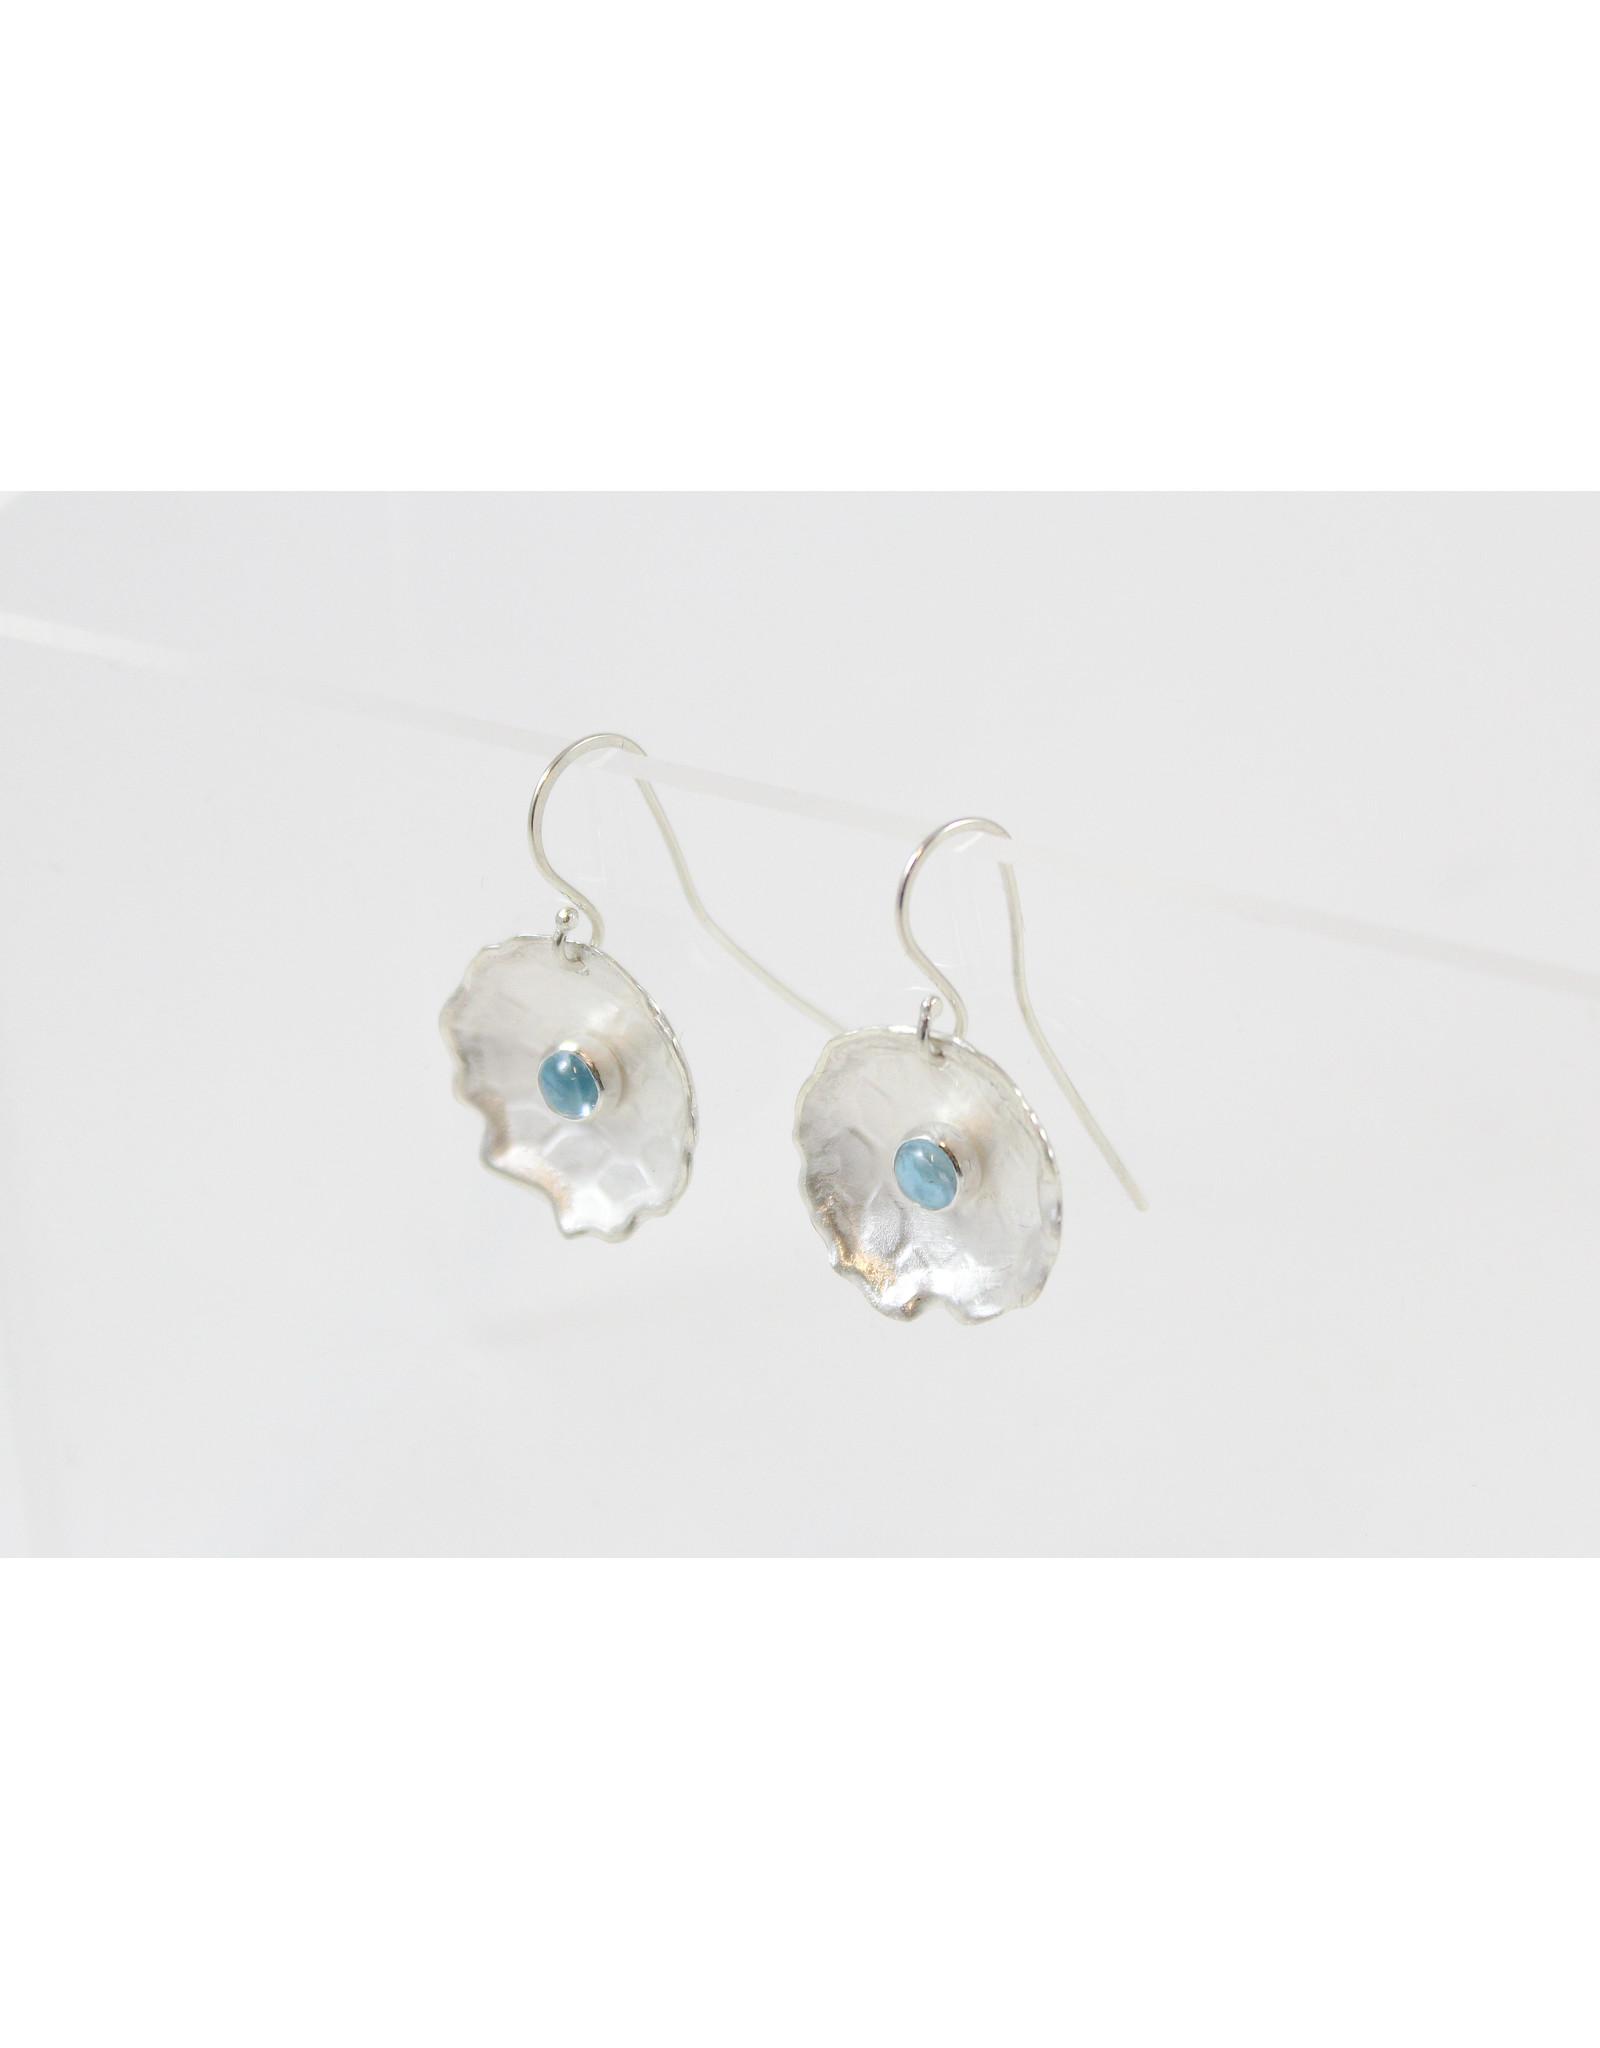 Karen Wawer Gemstone Saucer Earrings by Karen Wawer